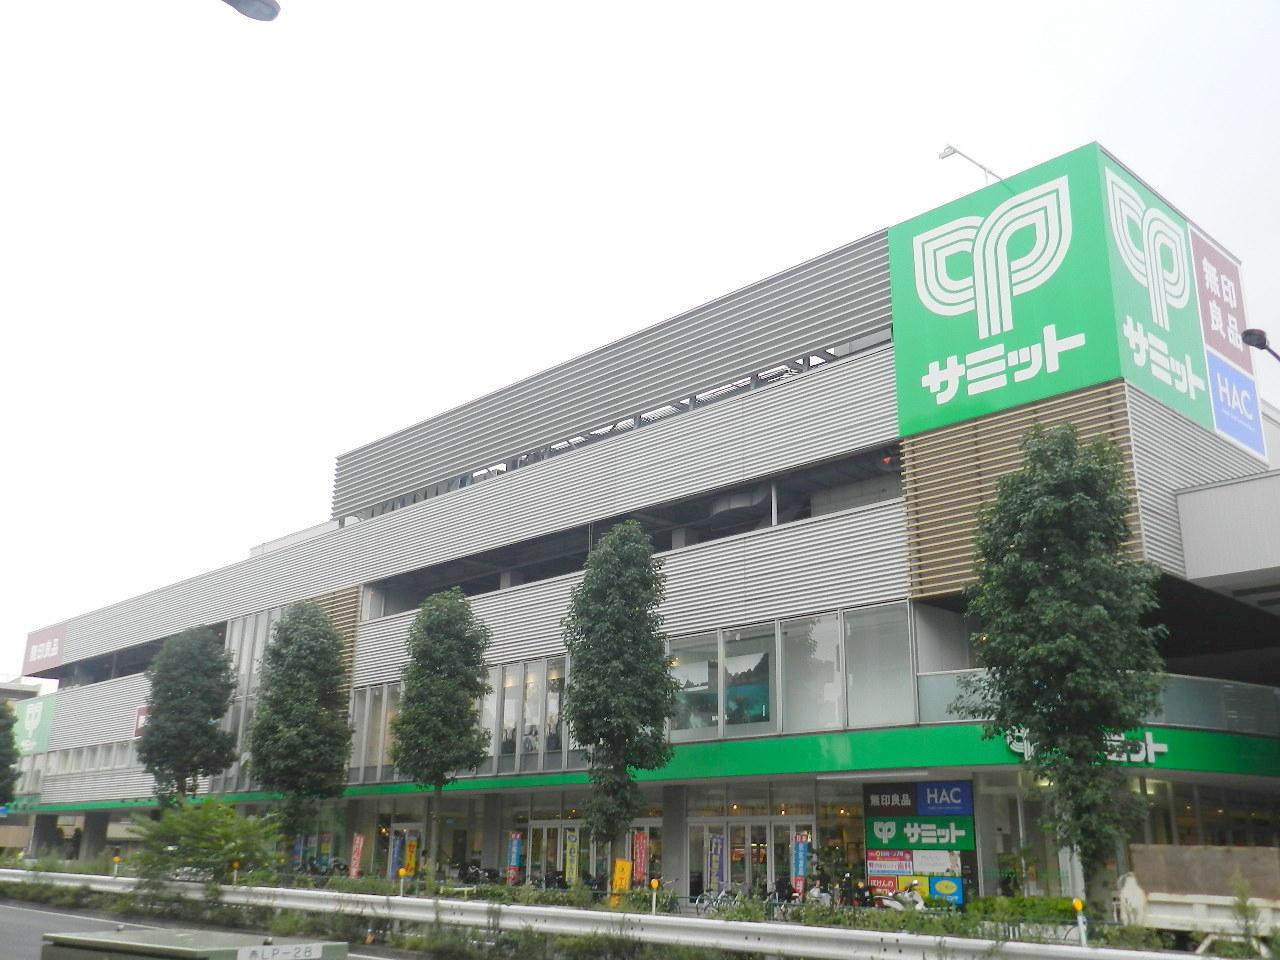 スーパー:サミットストア 砧環八通り店 537m